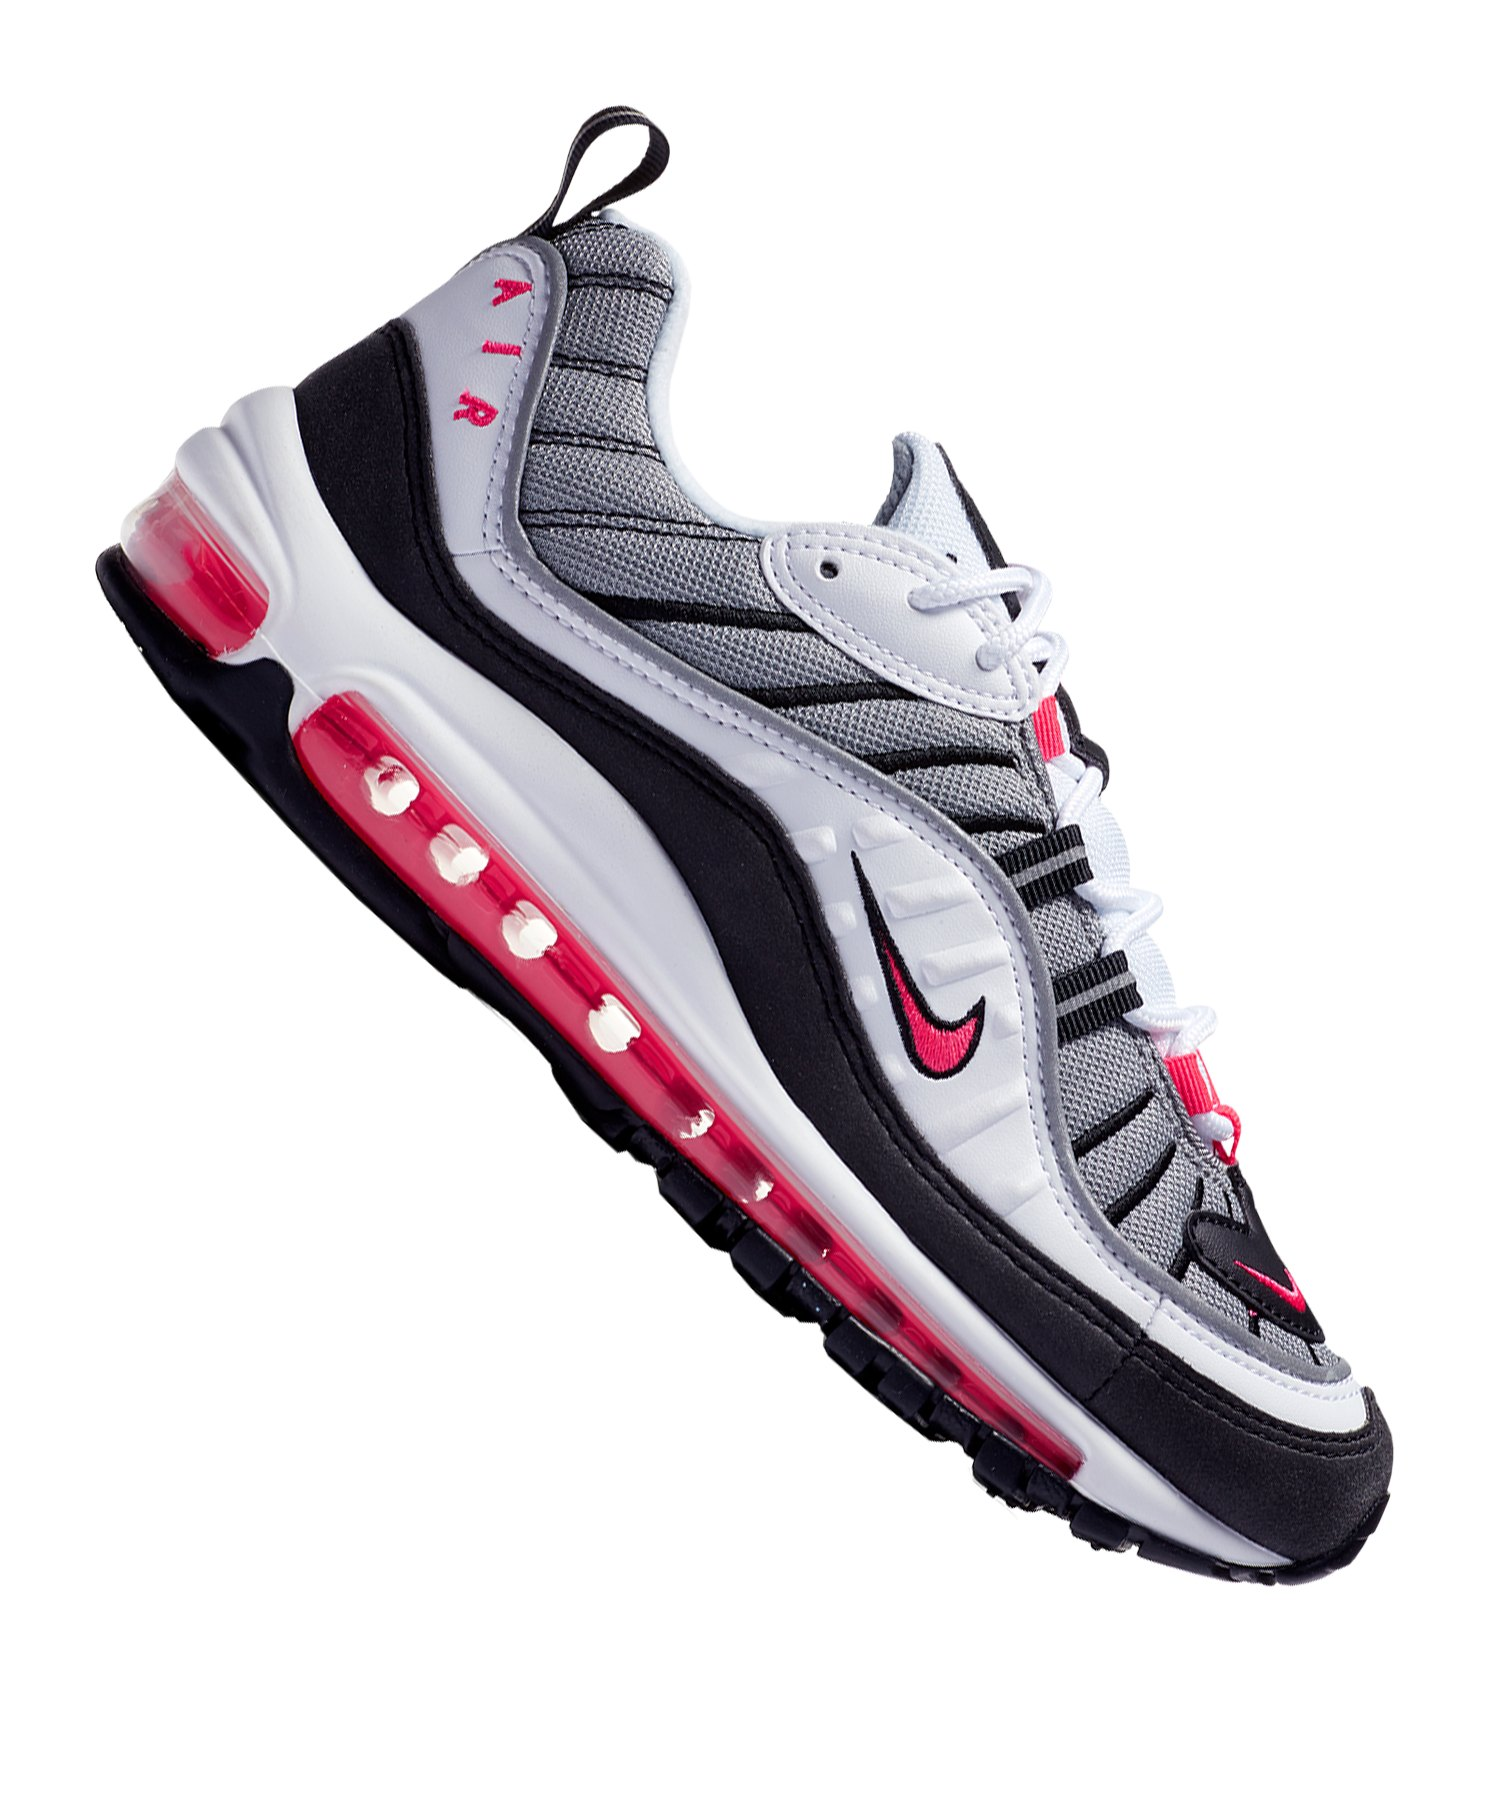 de.store Nike Running Nike Air Max 2018 Damen's Schuhe Pink